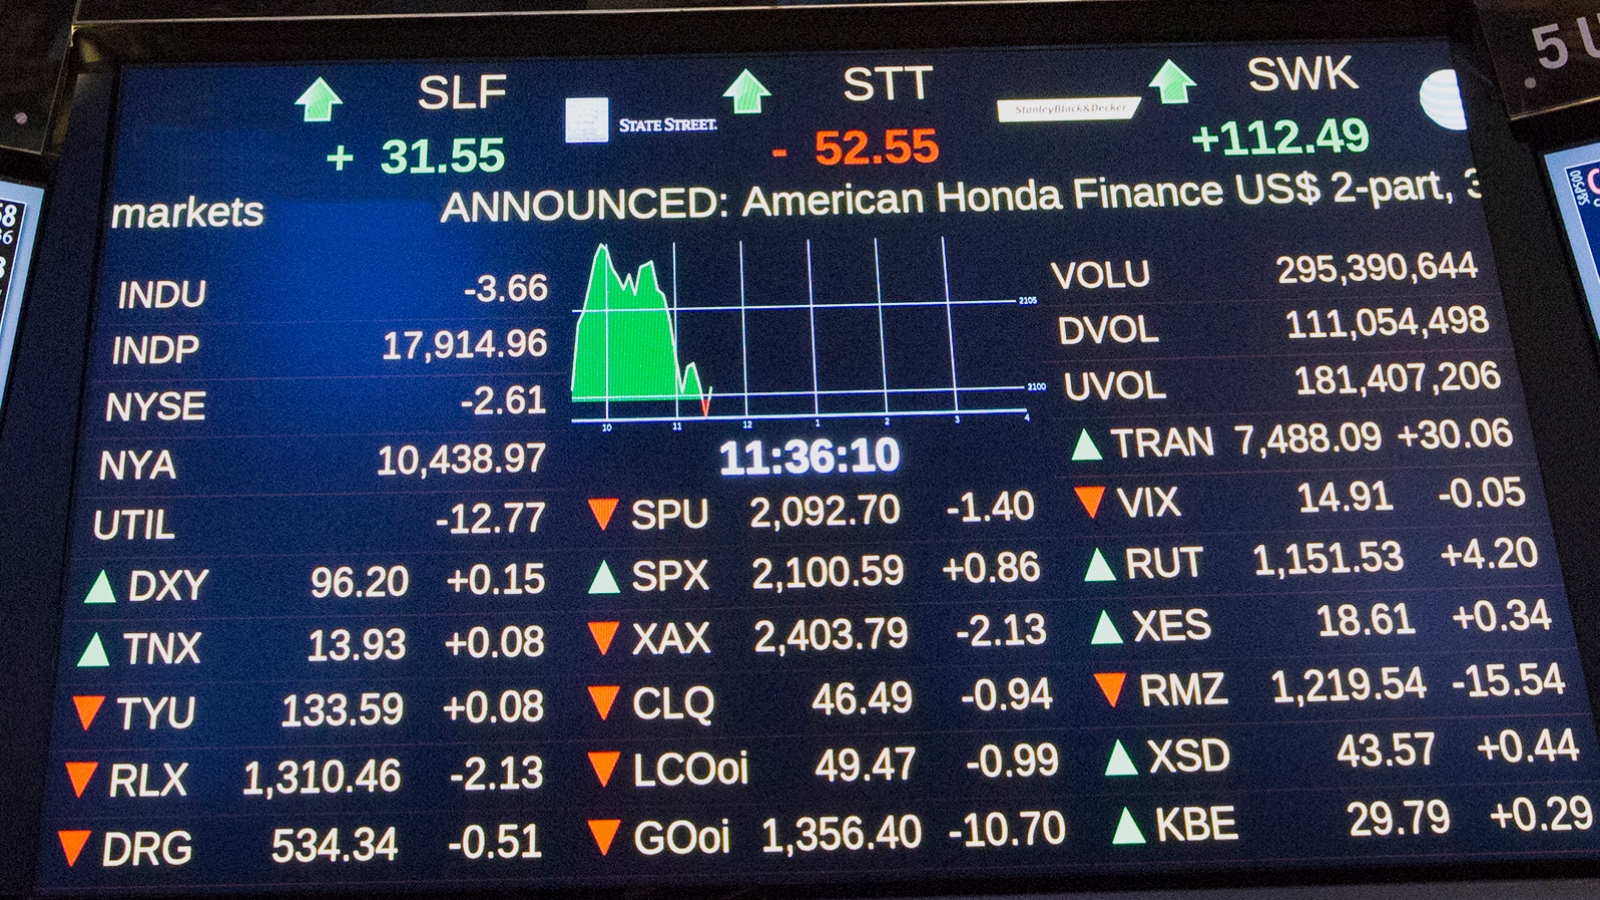 Equities & Options - Citadel Securities